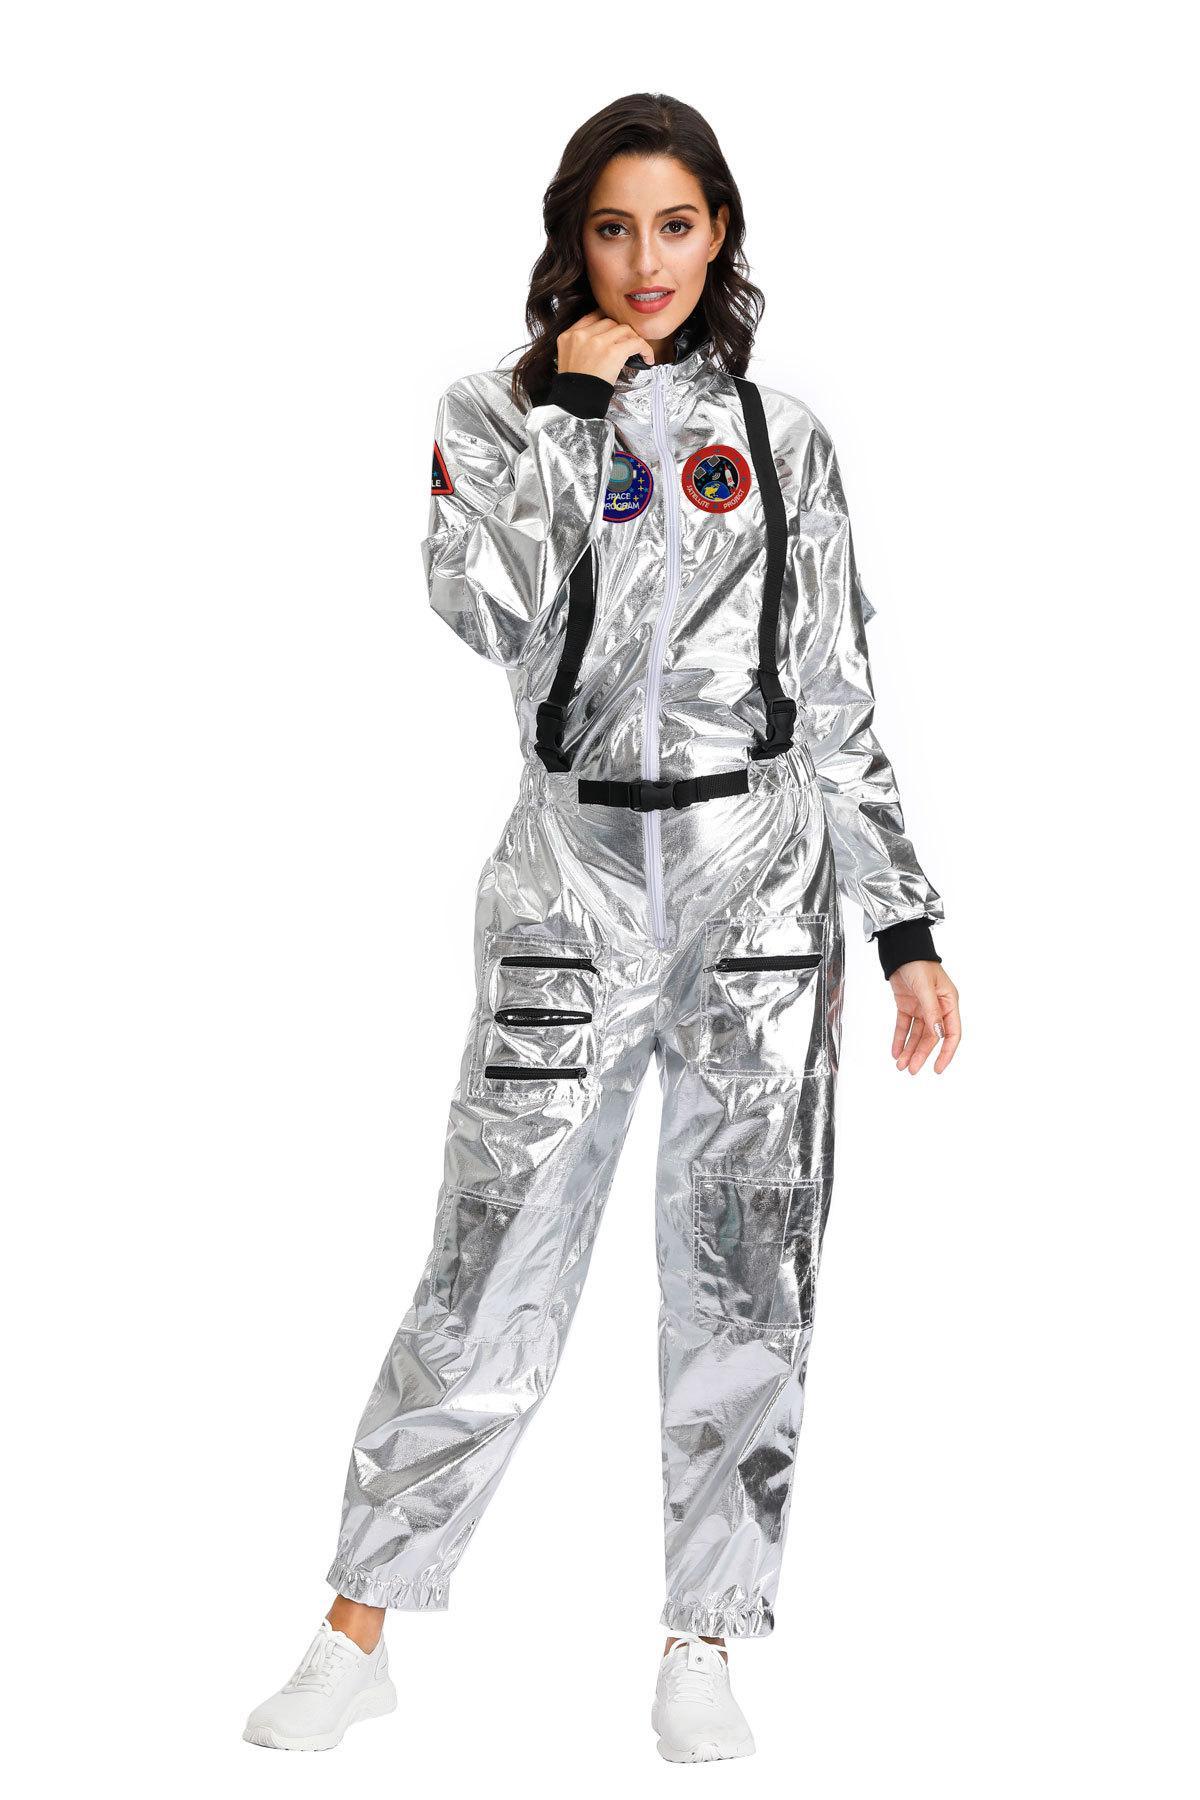 los hombres del traje espacial de vacaciones carnaval y las mujeres traje espacial Disfraces inflables divertido de la fiesta de Halloween vestido de animal dinosaurio mascota del traje